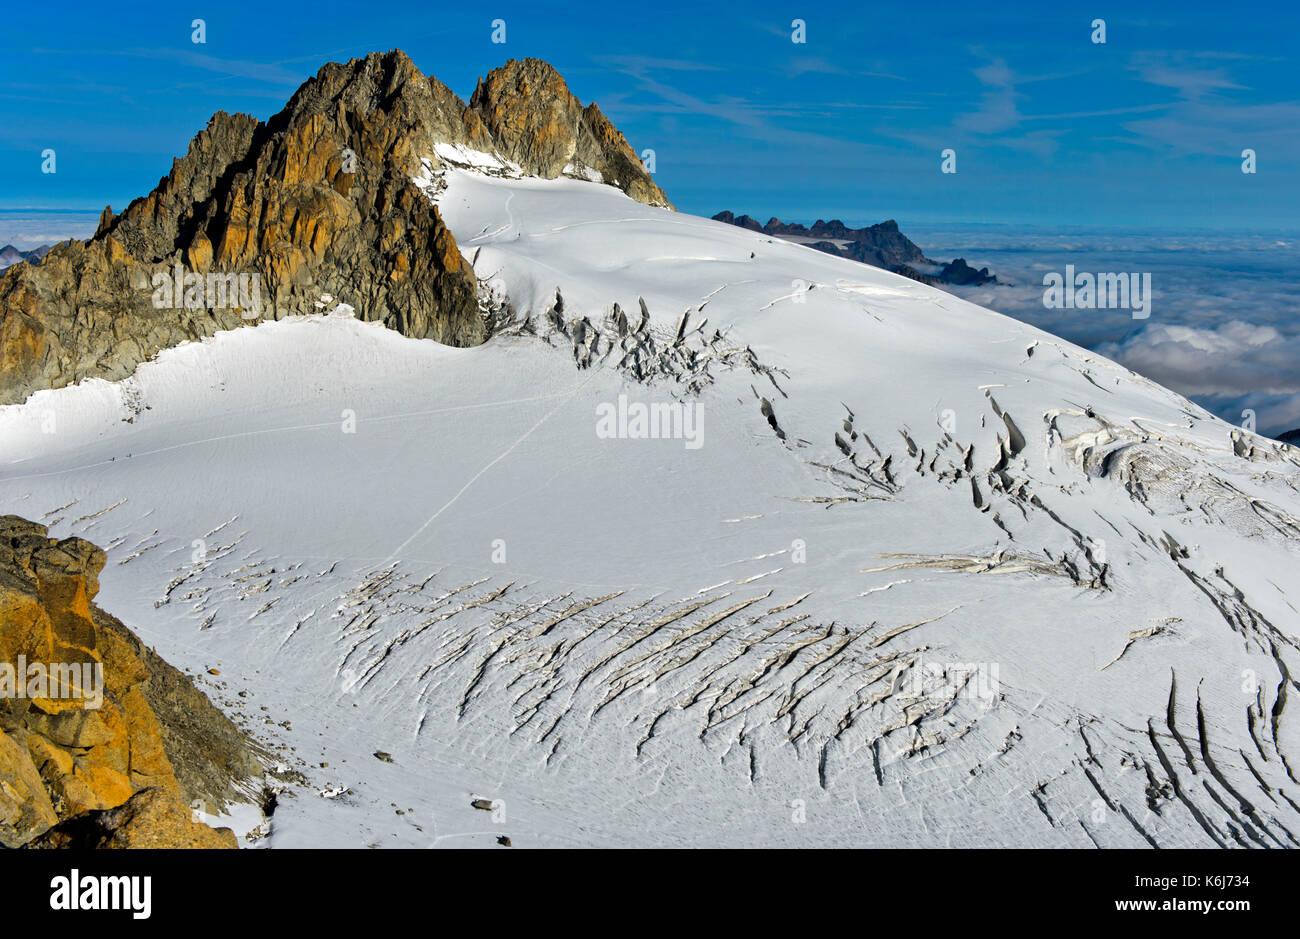 Peak Aiguille du Tour rising above the glacier Plateau du Trient, Valais, Switzerland - Stock Image